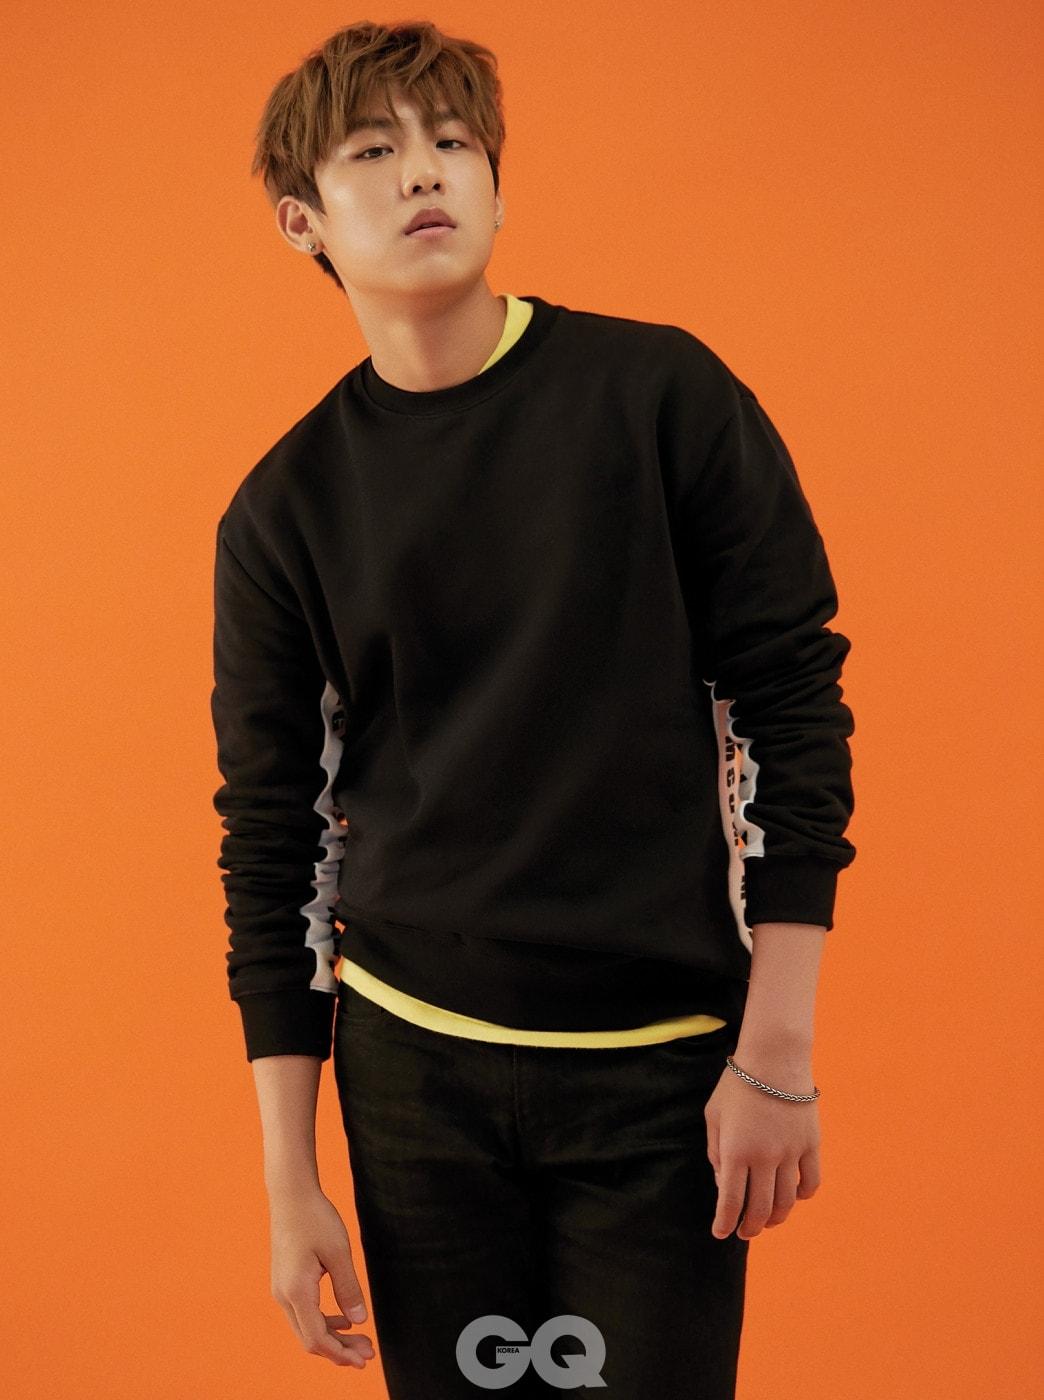 블랙 스웨트 티, MSGM. 블랙 진과 노란 티셔츠는 빈티지 제품.